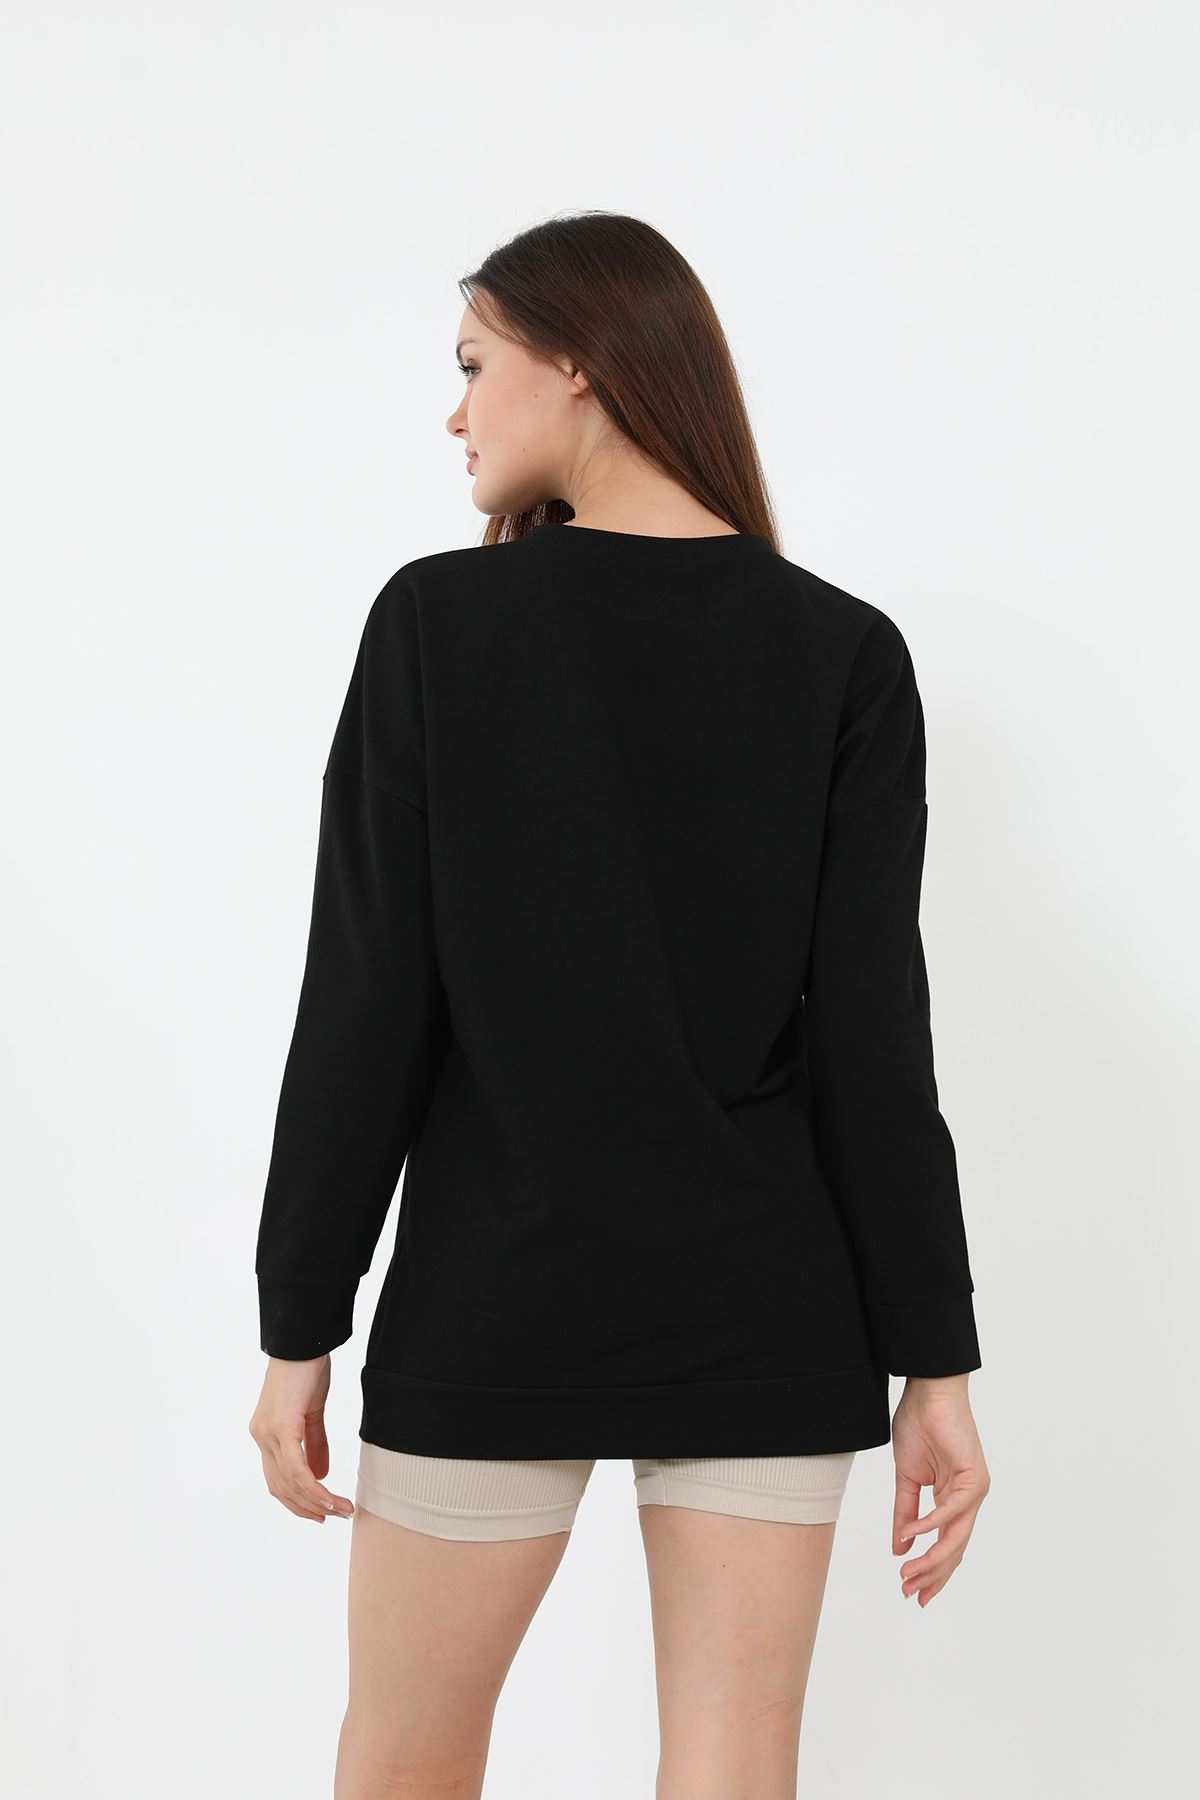 Newyork Baskılı Sweatshirt-Siyah